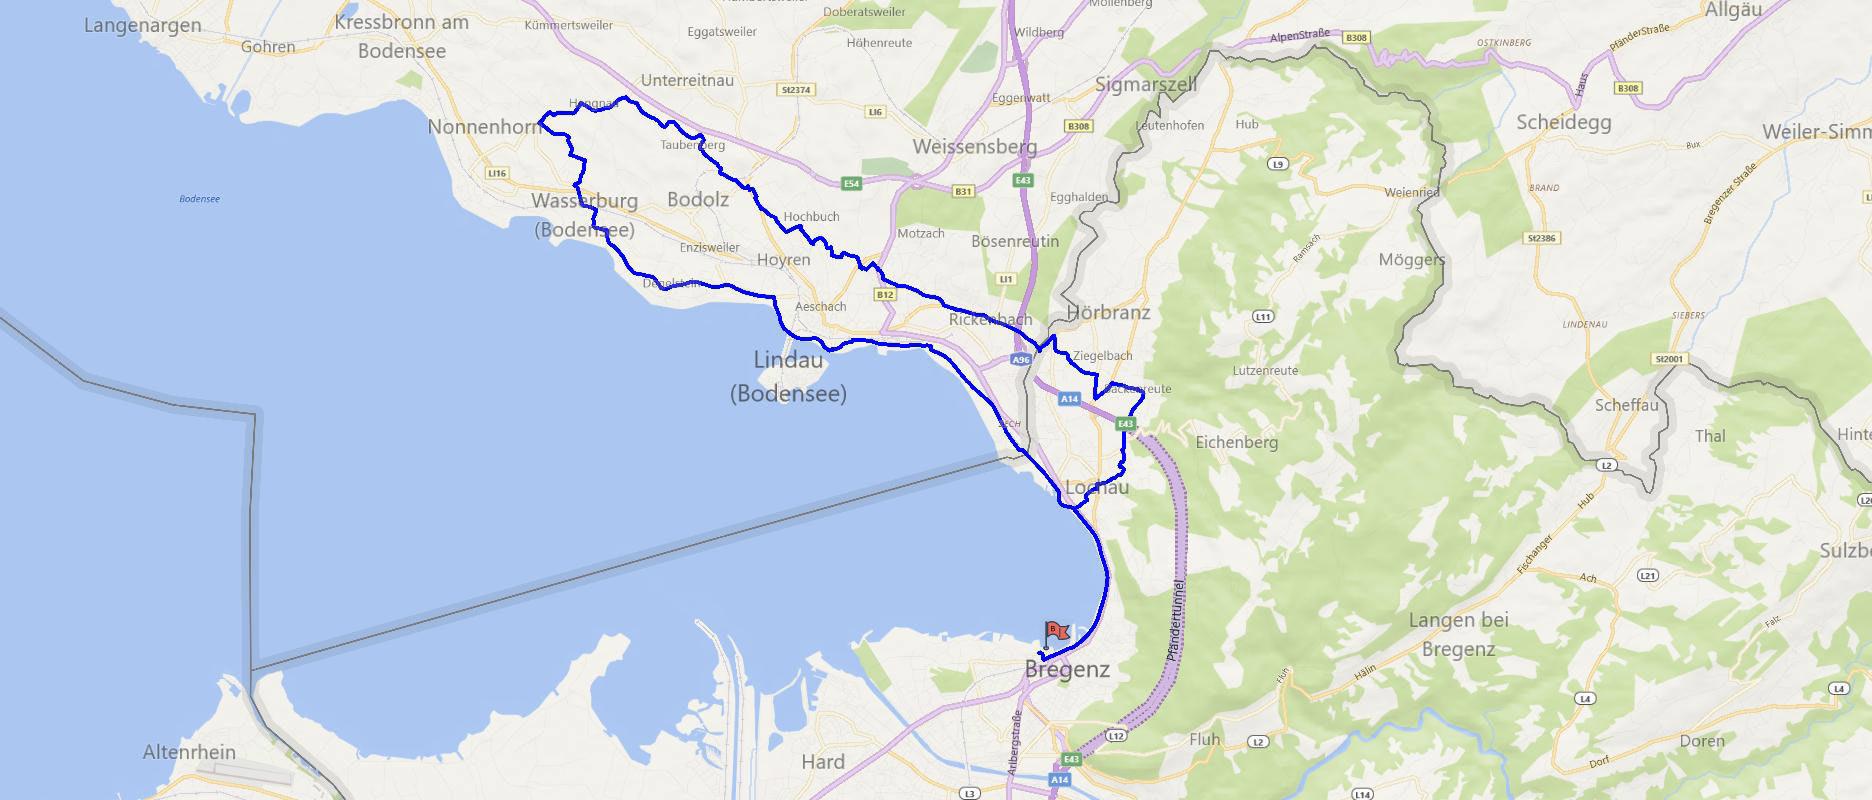 Streckenverlauf Laiblachtalrunde